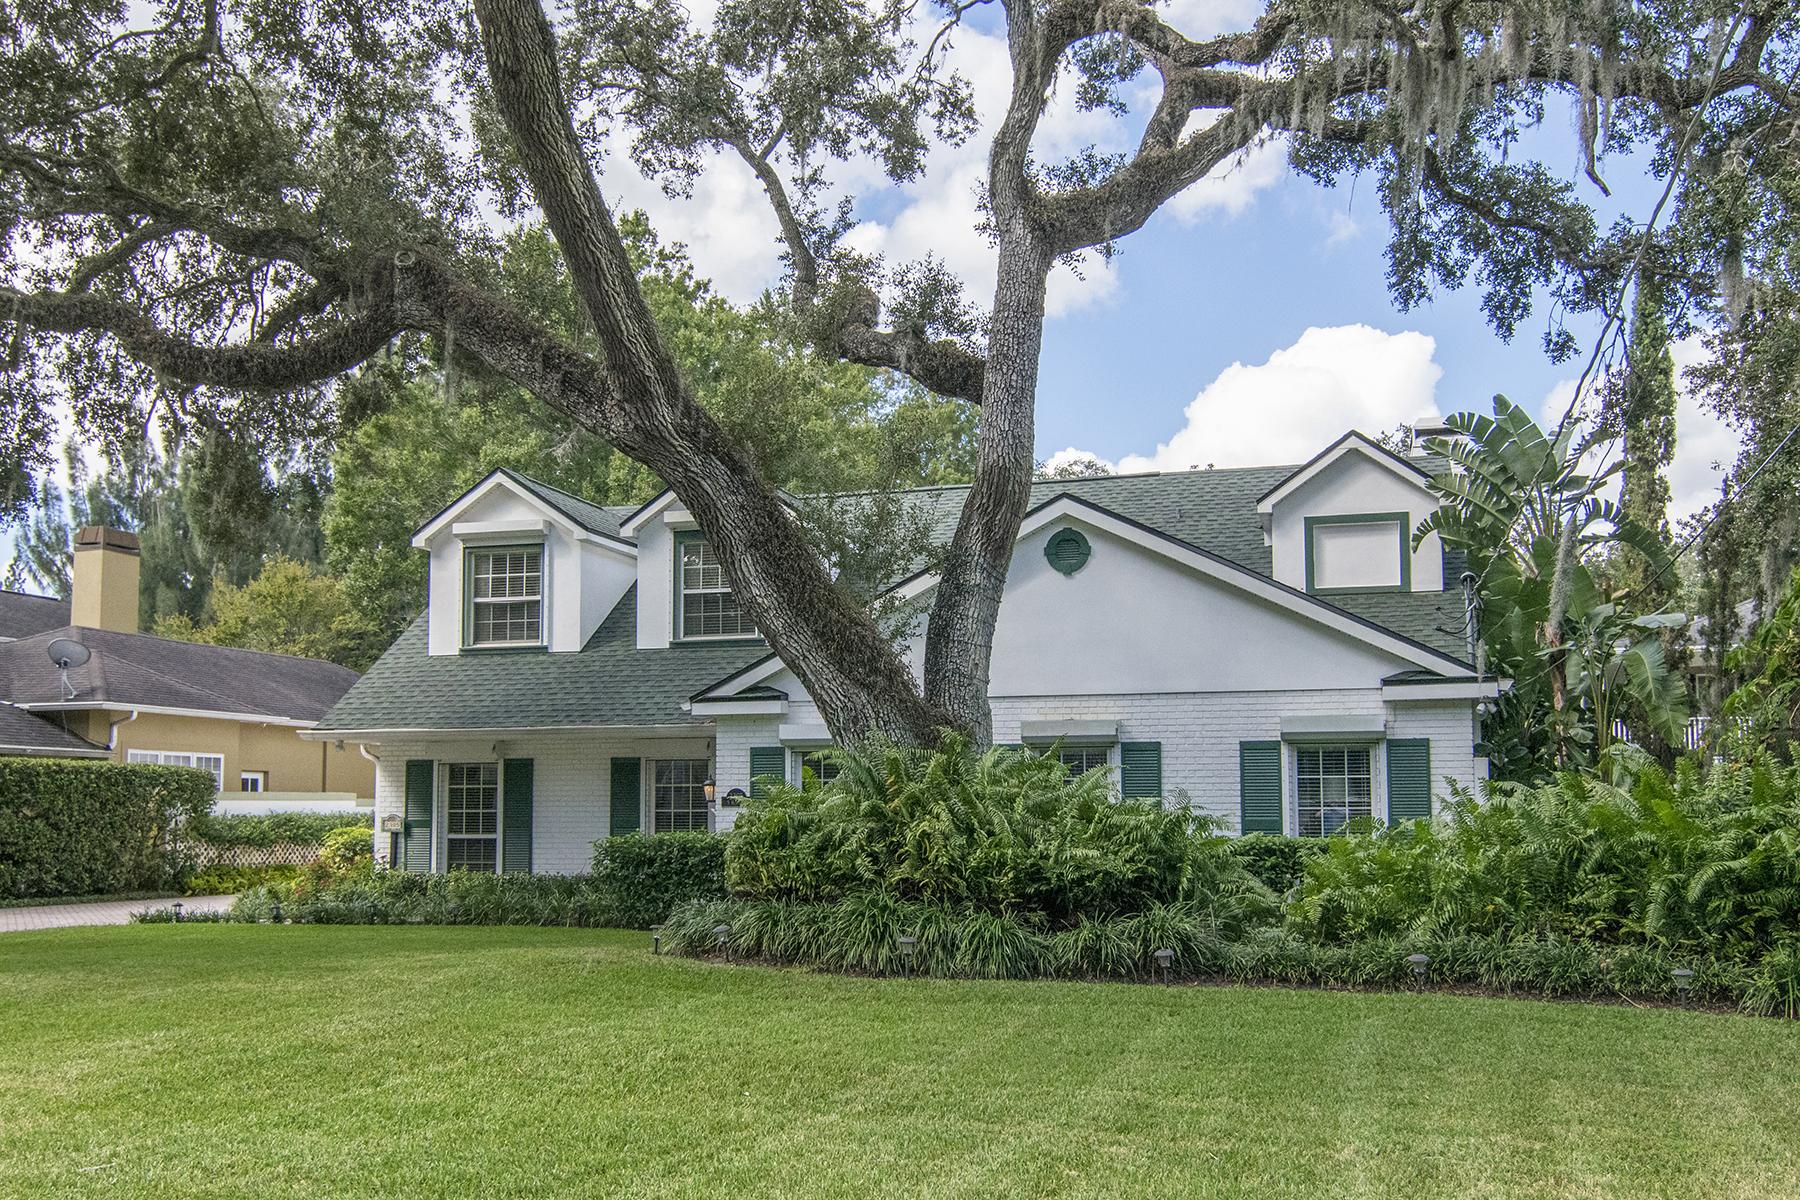 Maison unifamiliale pour l Vente à SOUTH TAMPA 2305 S Hesperides St Tampa, Florida, 33629 États-Unis